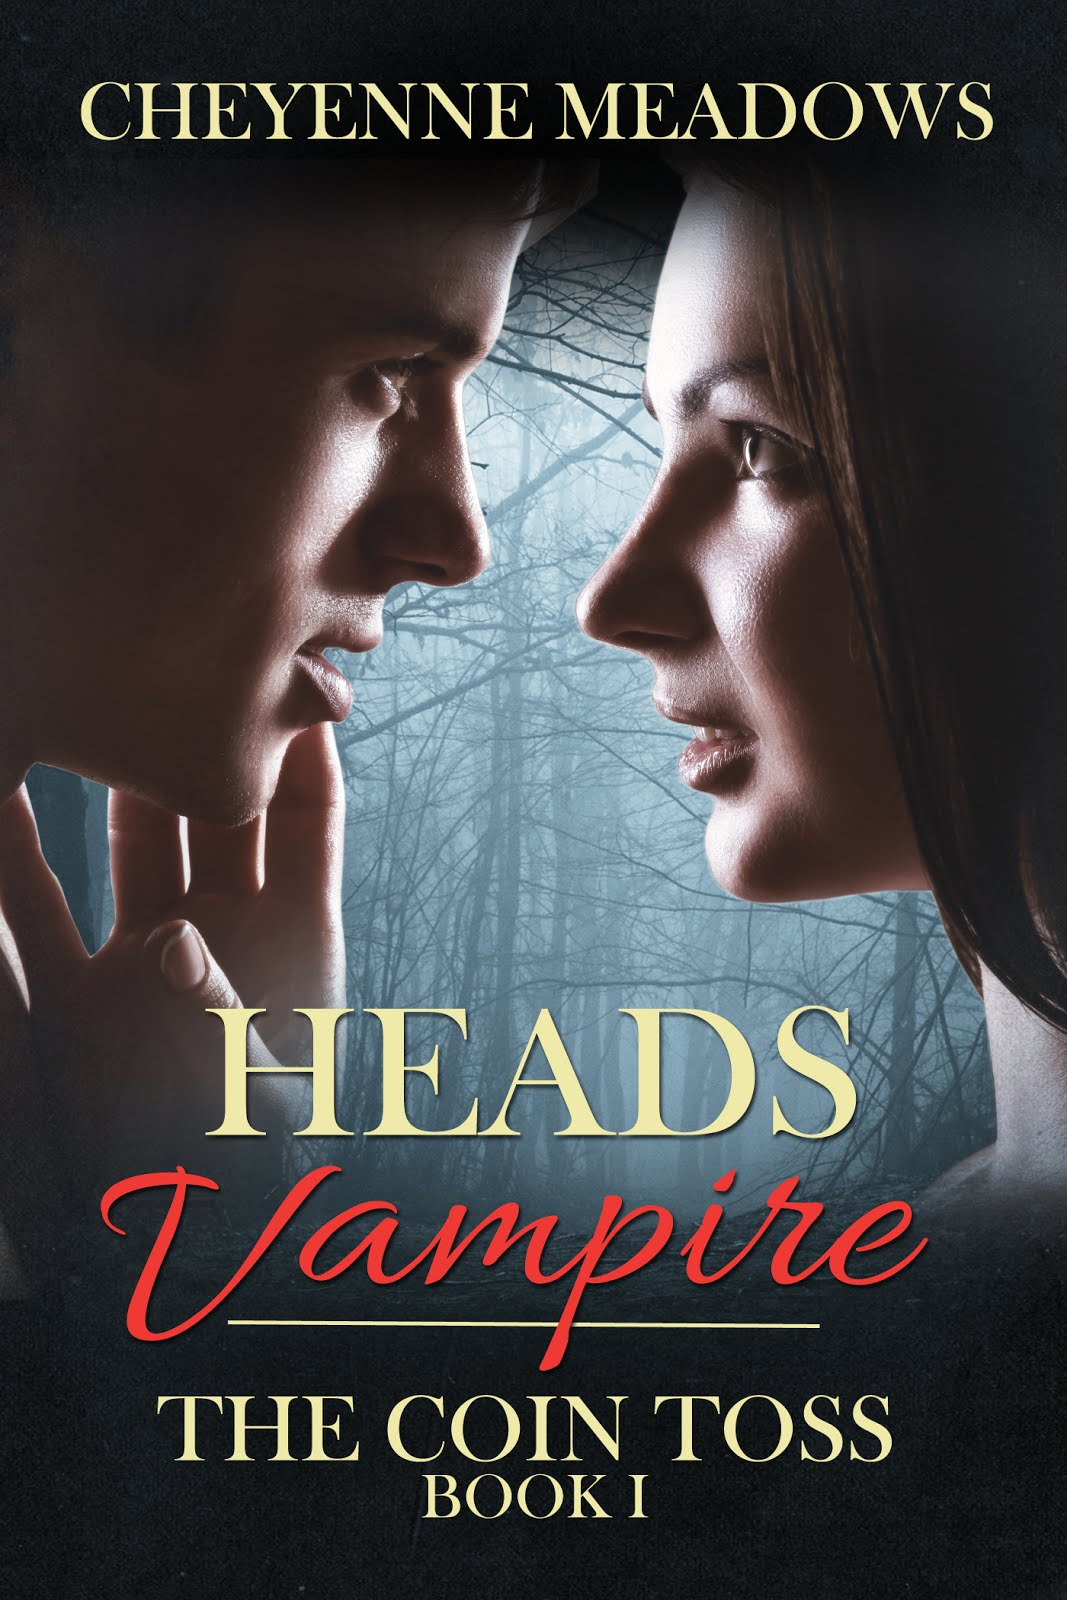 Heads:  Vampire